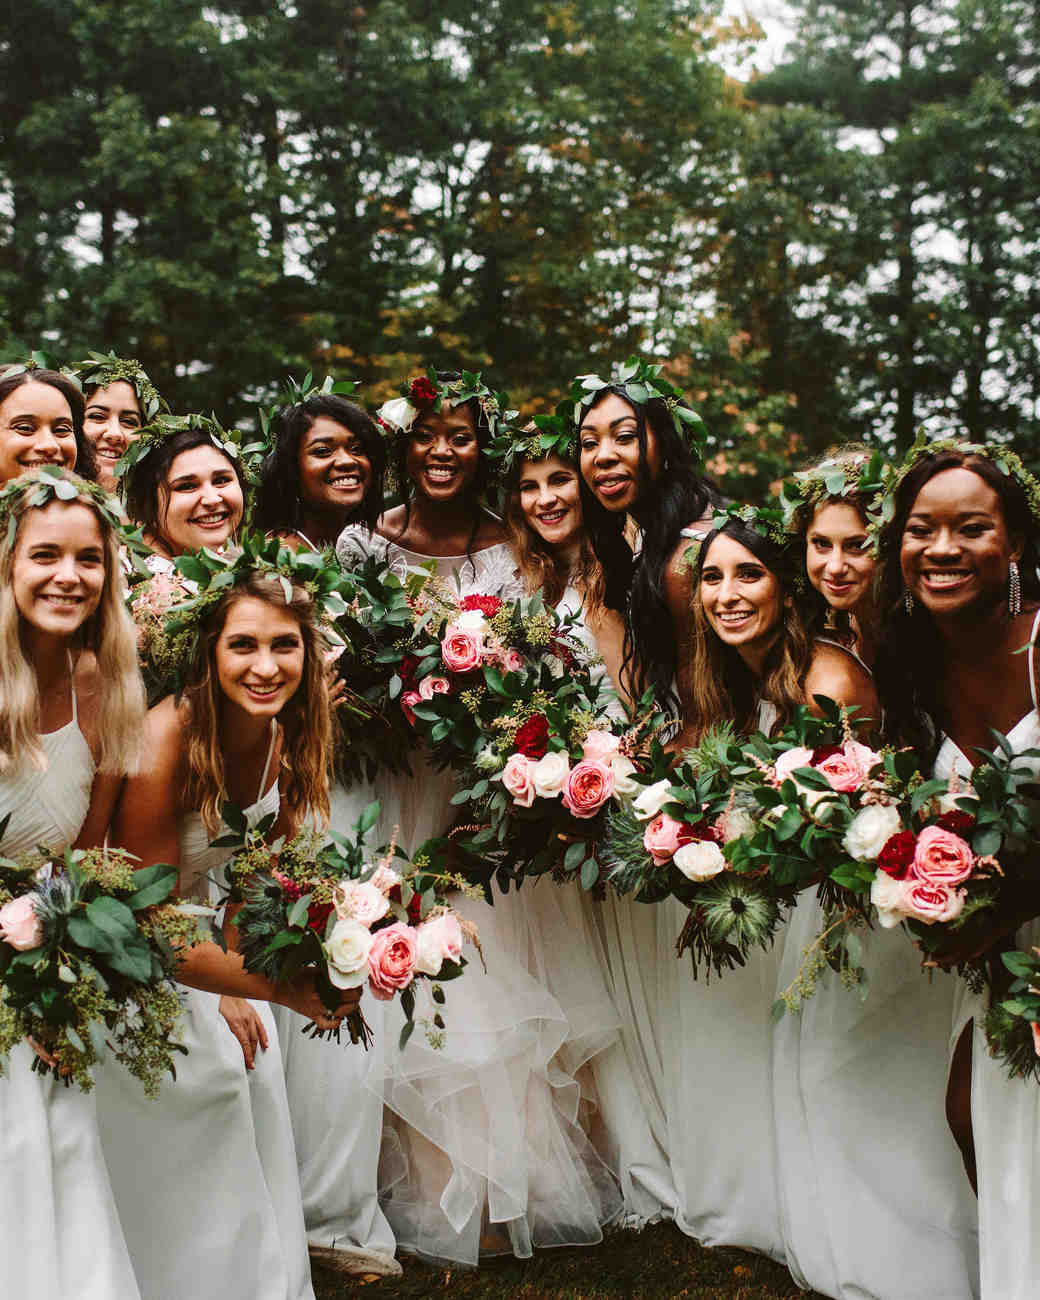 rivka aaron wedding bridesmaids